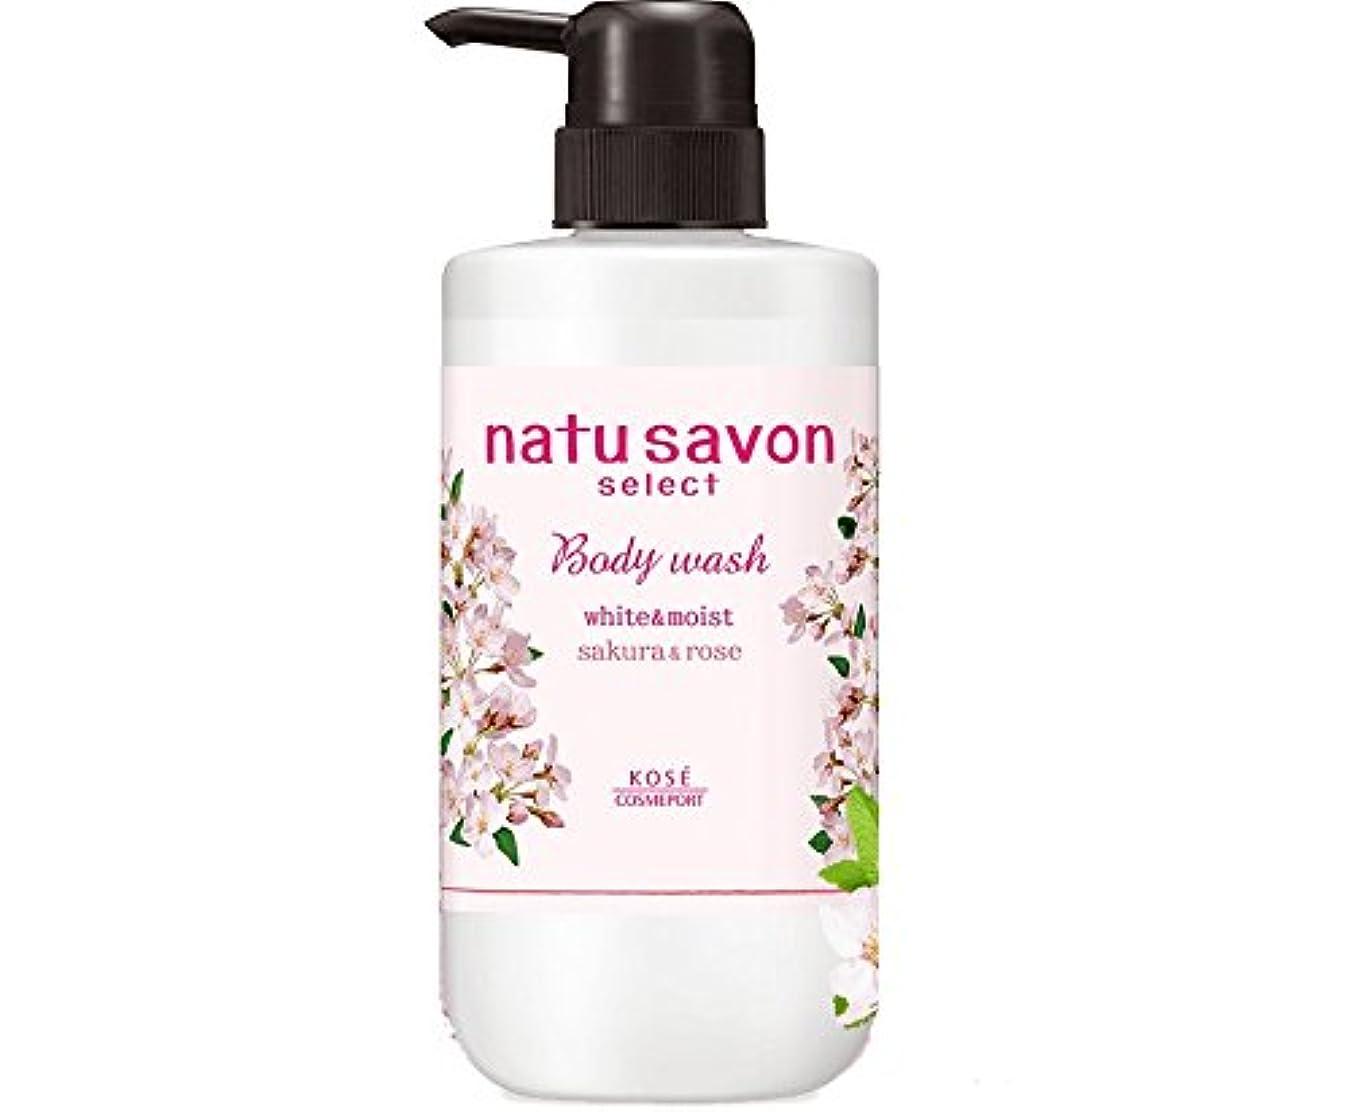 タクシーレンディションセッティングナチュサボンセレクト ボディウォッシュ ボタニカル桜の香り white&moist(数量限定品)